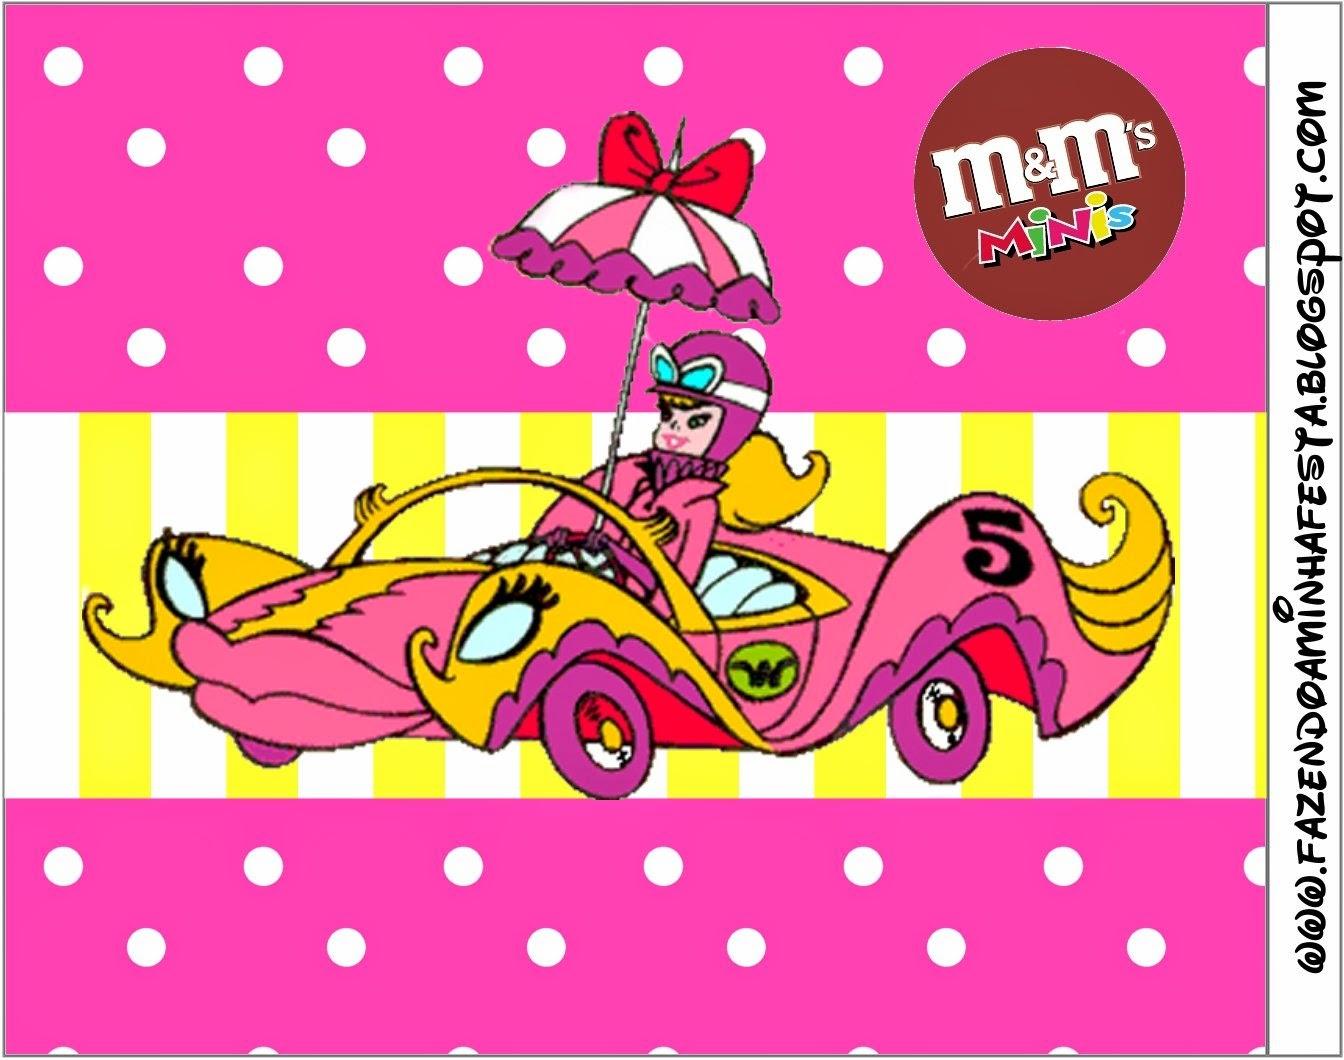 Etiqueta M&M de Penelope Glamour Retro para imprimir gratis.